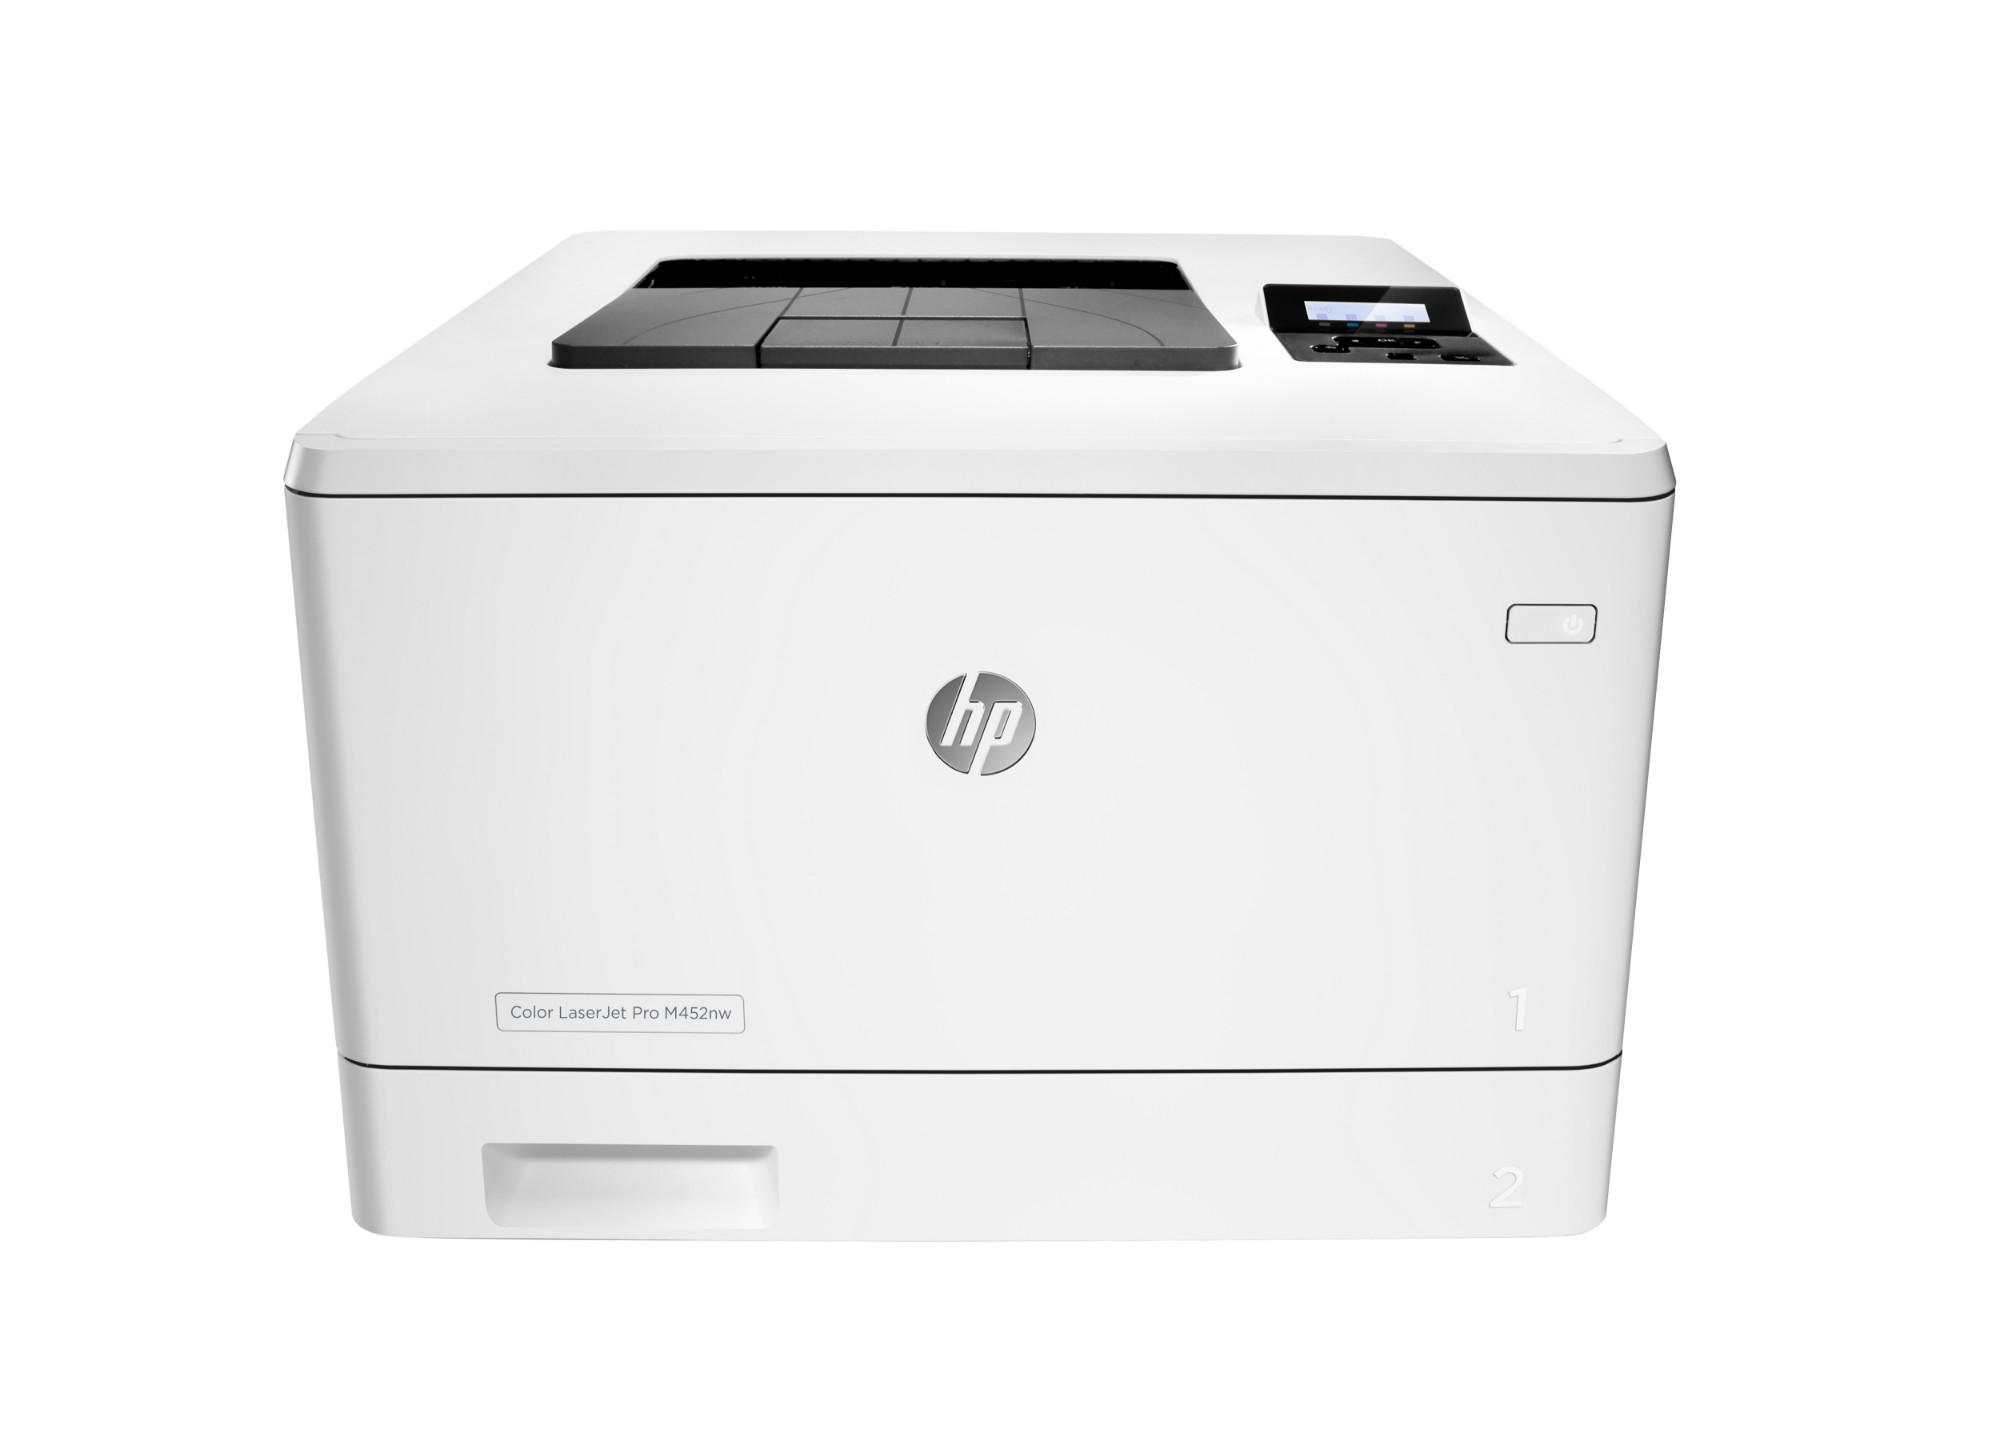 HP LaserJet Pro M452nw Colour 600 x 600 DPI A4 Wi-Fi